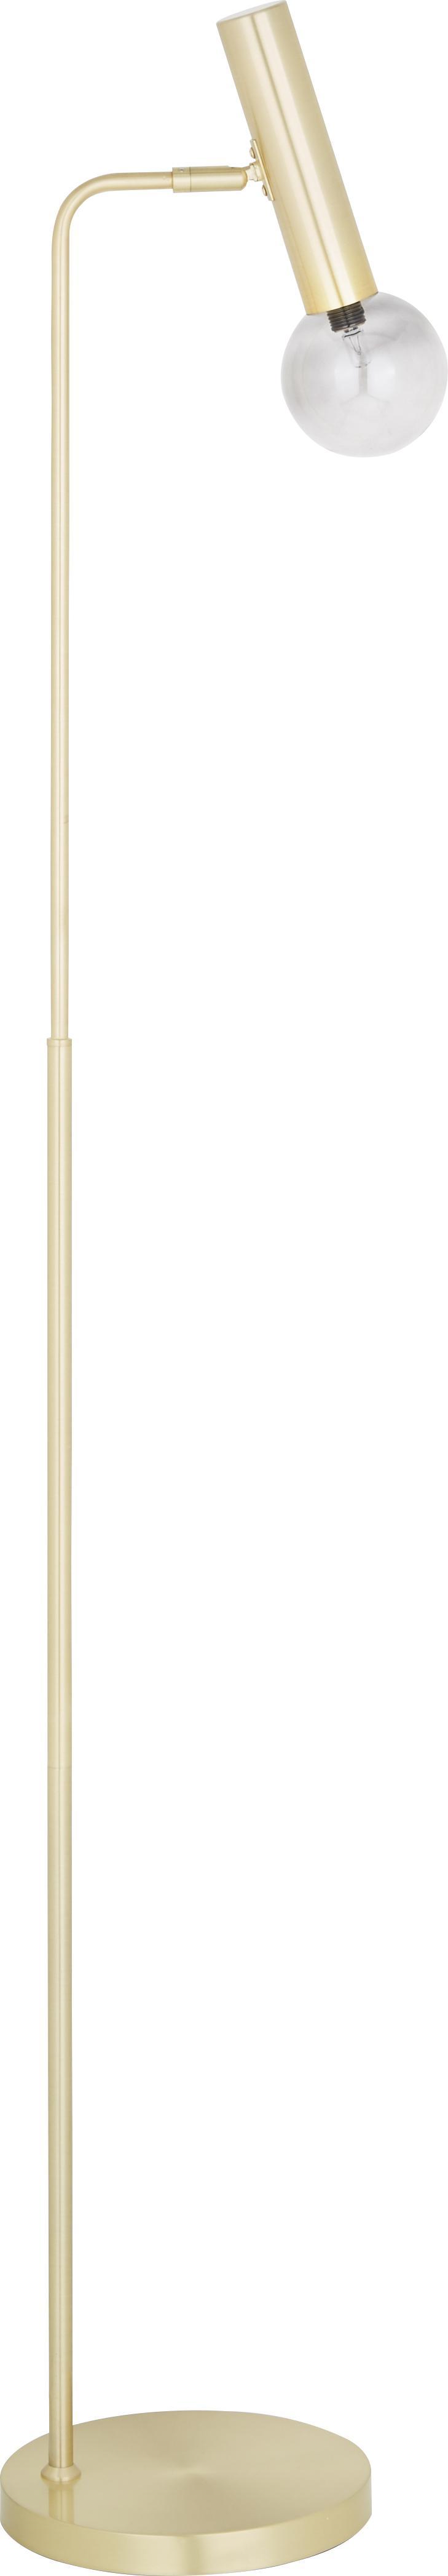 Lampa podłogowa Wilson, Mosiądz, Ø 23 x W 153 cm